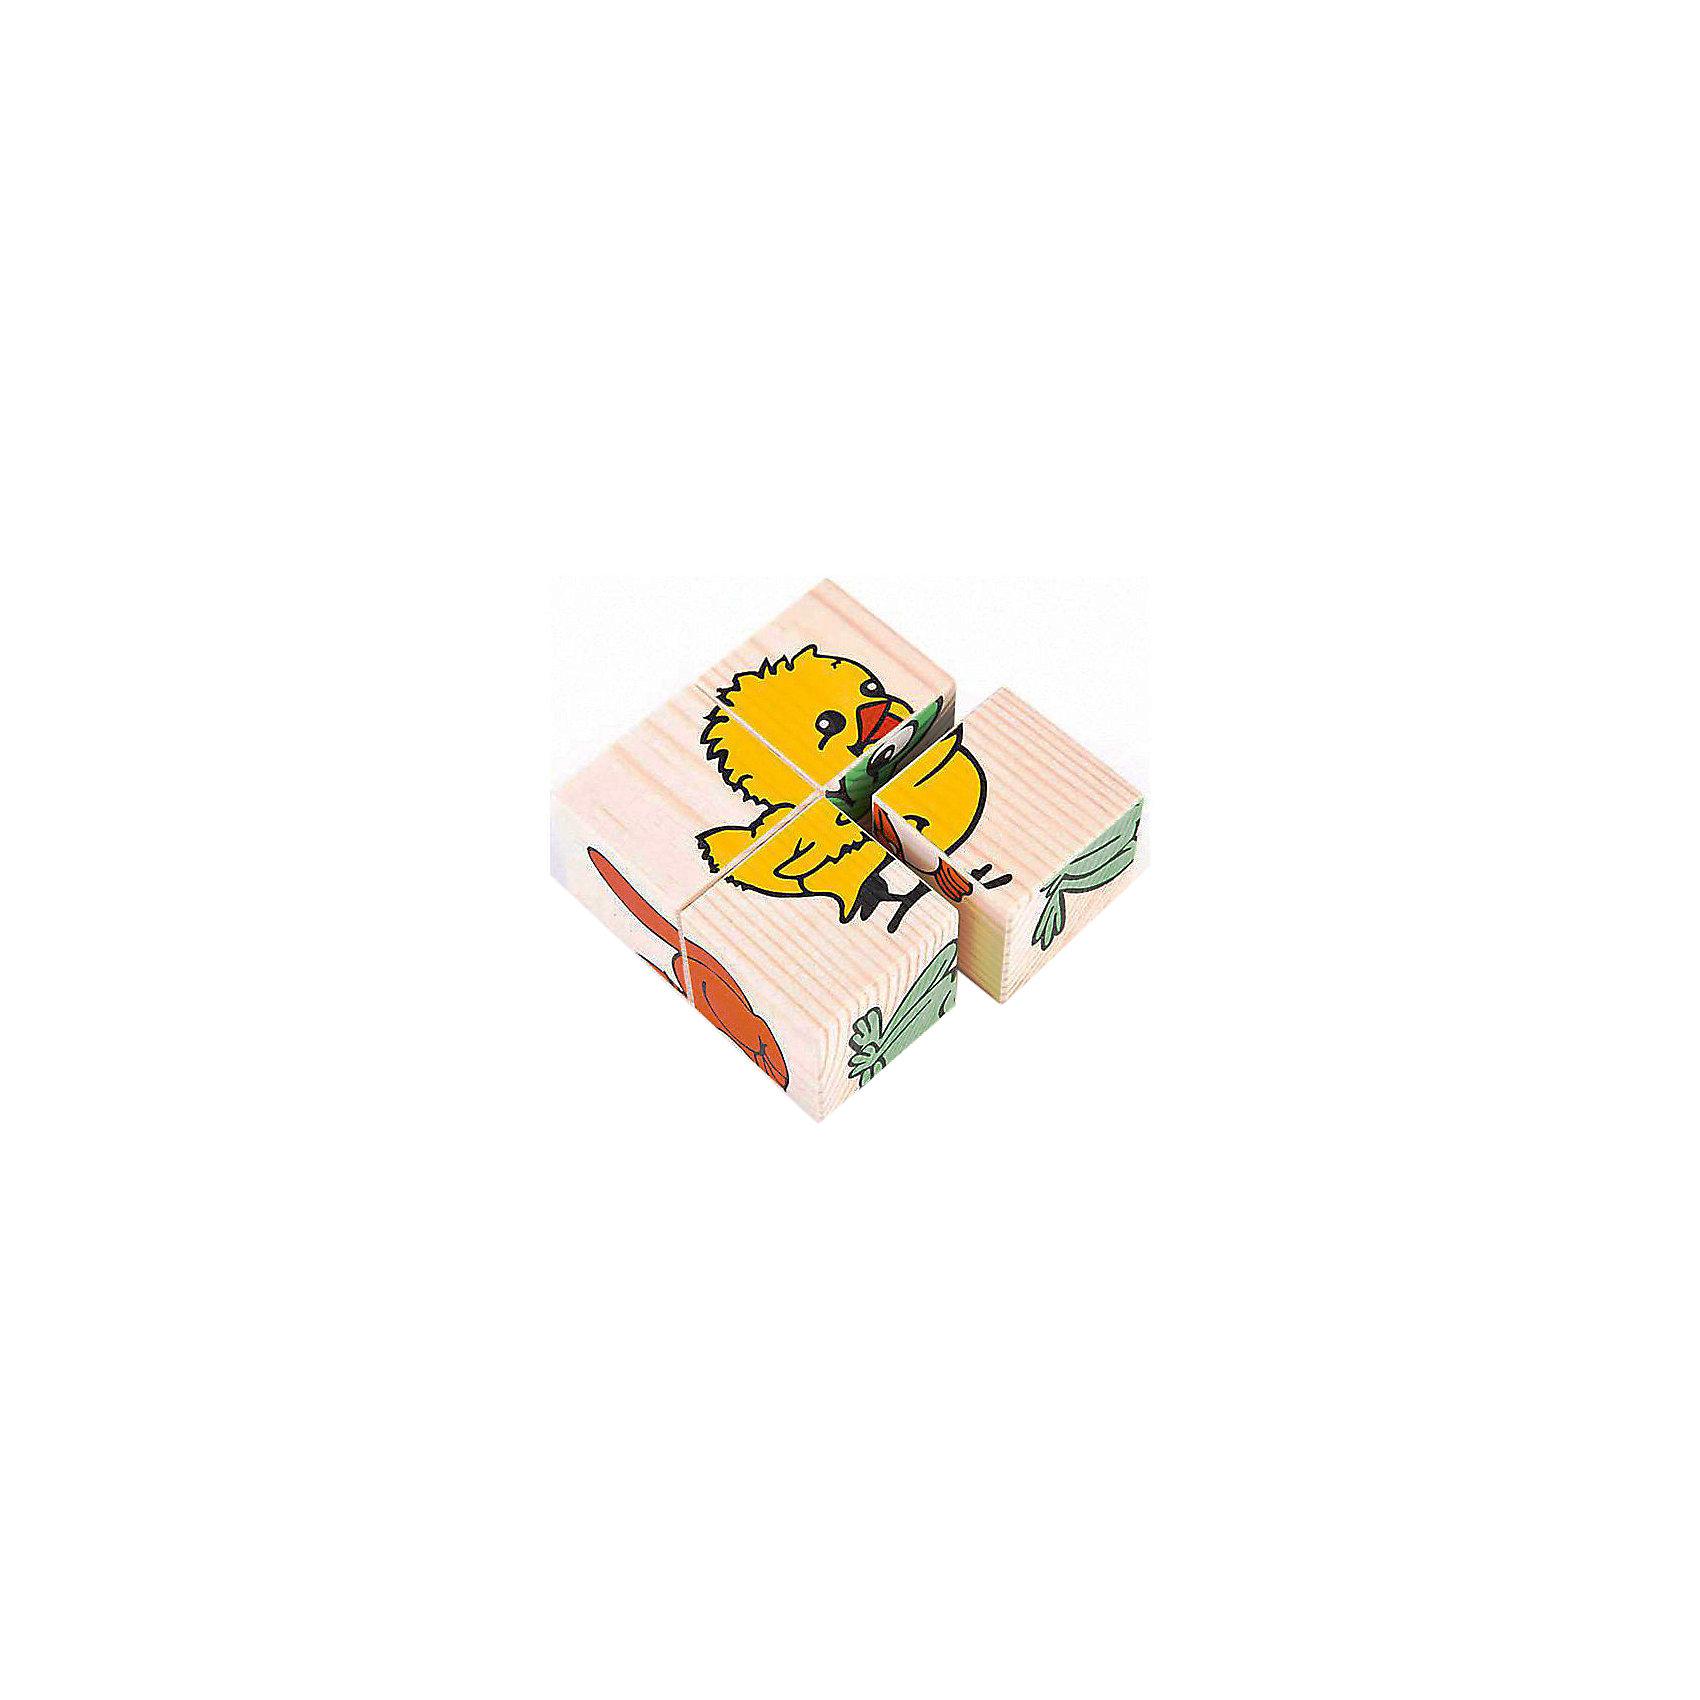 Кубики Животные, 4 штуки, ТомикДеревянные игры и пазлы<br>Кубики Животные, 4 штуки, Томик - это одна из самых популярных и необходимых игрушек для малыша.<br>Кубики Животные из серии Сложи рисунок позволят малышу собрать шесть картинок с изображением животных: поросенка, кошечки, зайчика, лягушки, цыпленка, уточки. В комплект входят: 4 кубика и 6 картинок с образцами сборки. Положите картинку-образец на дно коробочки и вместе с ребенком ищите нужный кубик, затем укладывайте его на образец. Первые картинки выкладывайте вместе с ребенком, затем он уже будет делать это самостоятельно. Играя вместе с ребенком, вы познакомите его с животными, изображенными на кубиках: как они называются, что они едят, где живут, как они говорят. Прочитайте или расскажите ребенку сказку про этих животных. Удобные по размеру грани кубика (4 см) позволяют играть в них даже самым маленьким. Кроме того, кубики можно запросто использовать как конструктор — строить домики, башни и крепости — фантазия ребенка не будет ограничена ничем. Игра с кубиками развивает зрительное восприятие, наблюдательность и внимание, мелкую моторику рук. Ребенок научится складывать целостный образ из частей, определять детали изображения. Красочные кубики изготовлены из древесины хвойных пород. Рисунки нанесены методом шелкографии. Изображения очень износоустойчивые. Материалы экологически чистые и имеют гигиенические заключения, разрешающие изготовление из них детских игрушек.<br><br>Дополнительная информация:<br><br>- Количество кубиков: 4<br>- Размер кубика: 4 х 4 х 4 см.<br>- Размер упаковки: 9 х 9 х 4 см.<br>- Вес: 0,175 кг.<br>- Упаковка: картонная коробка без крышки<br><br>Кубики Животные, 4 штуки, Томик можно купить в нашем интернет-магазине.<br><br>Ширина мм: 90<br>Глубина мм: 90<br>Высота мм: 40<br>Вес г: 180<br>Возраст от месяцев: 24<br>Возраст до месяцев: 60<br>Пол: Унисекс<br>Возраст: Детский<br>SKU: 3650278